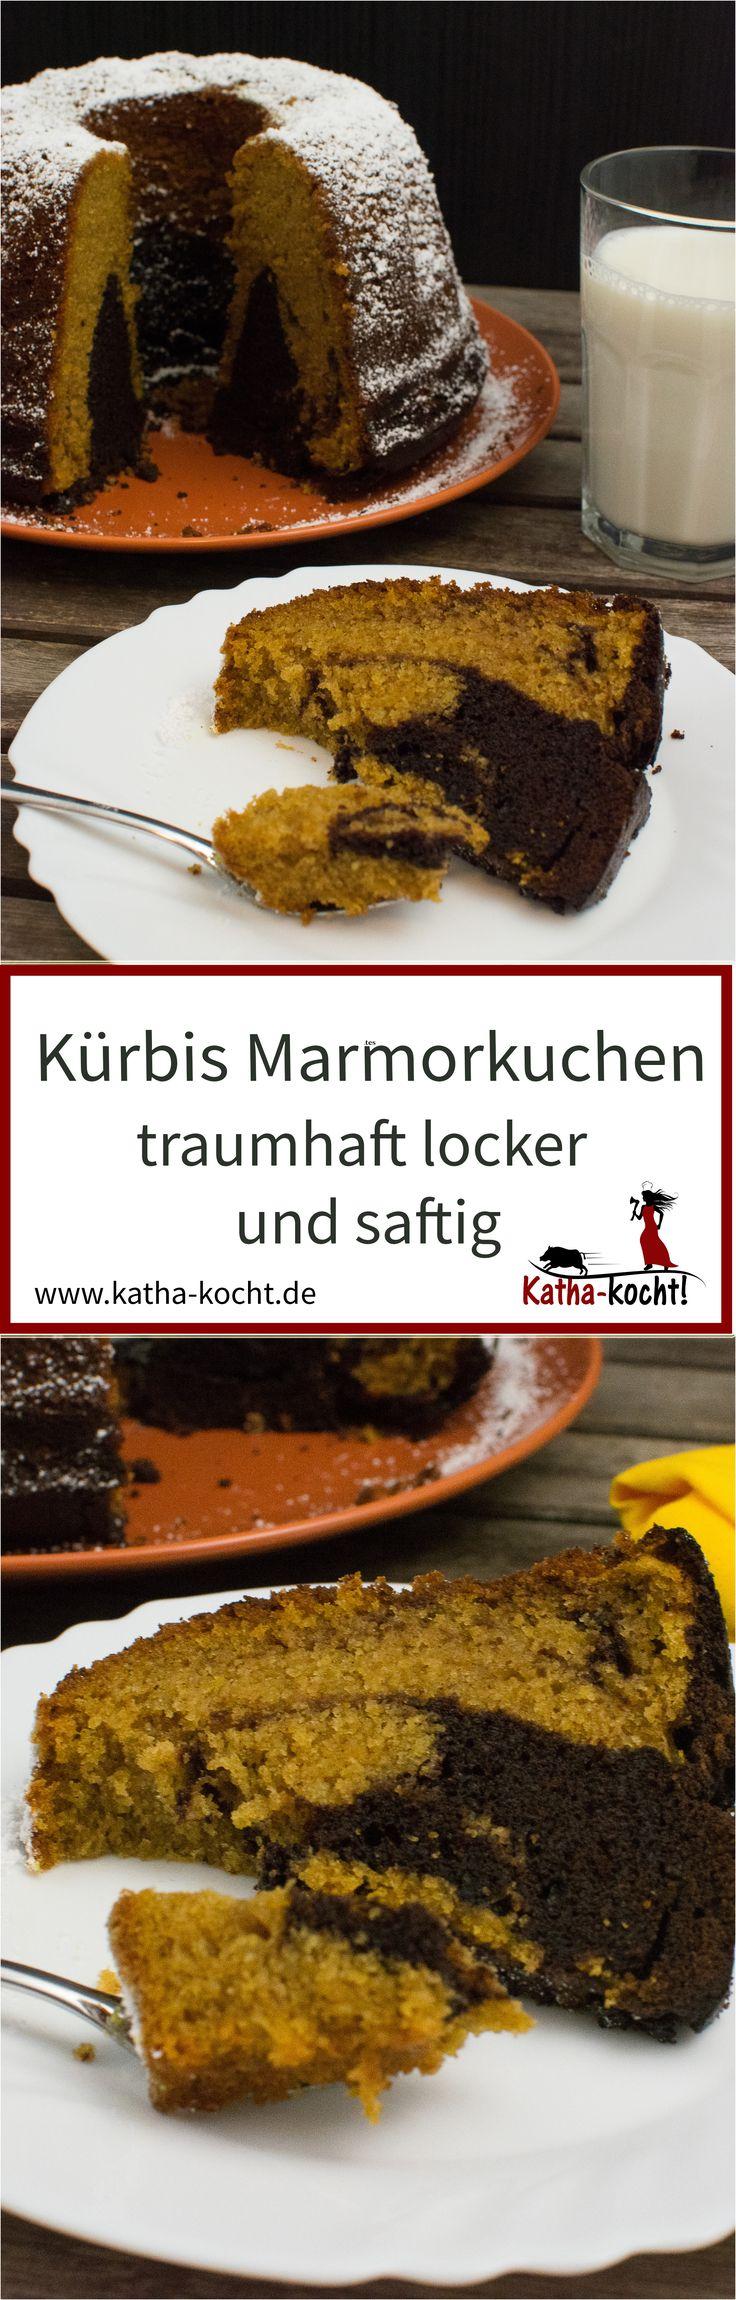 Der Wohl Lockerste Und Saftigste Marmorkuchen Aller Zeiten   Dank  Kürbismus, Pumpkin Pie Spice Und